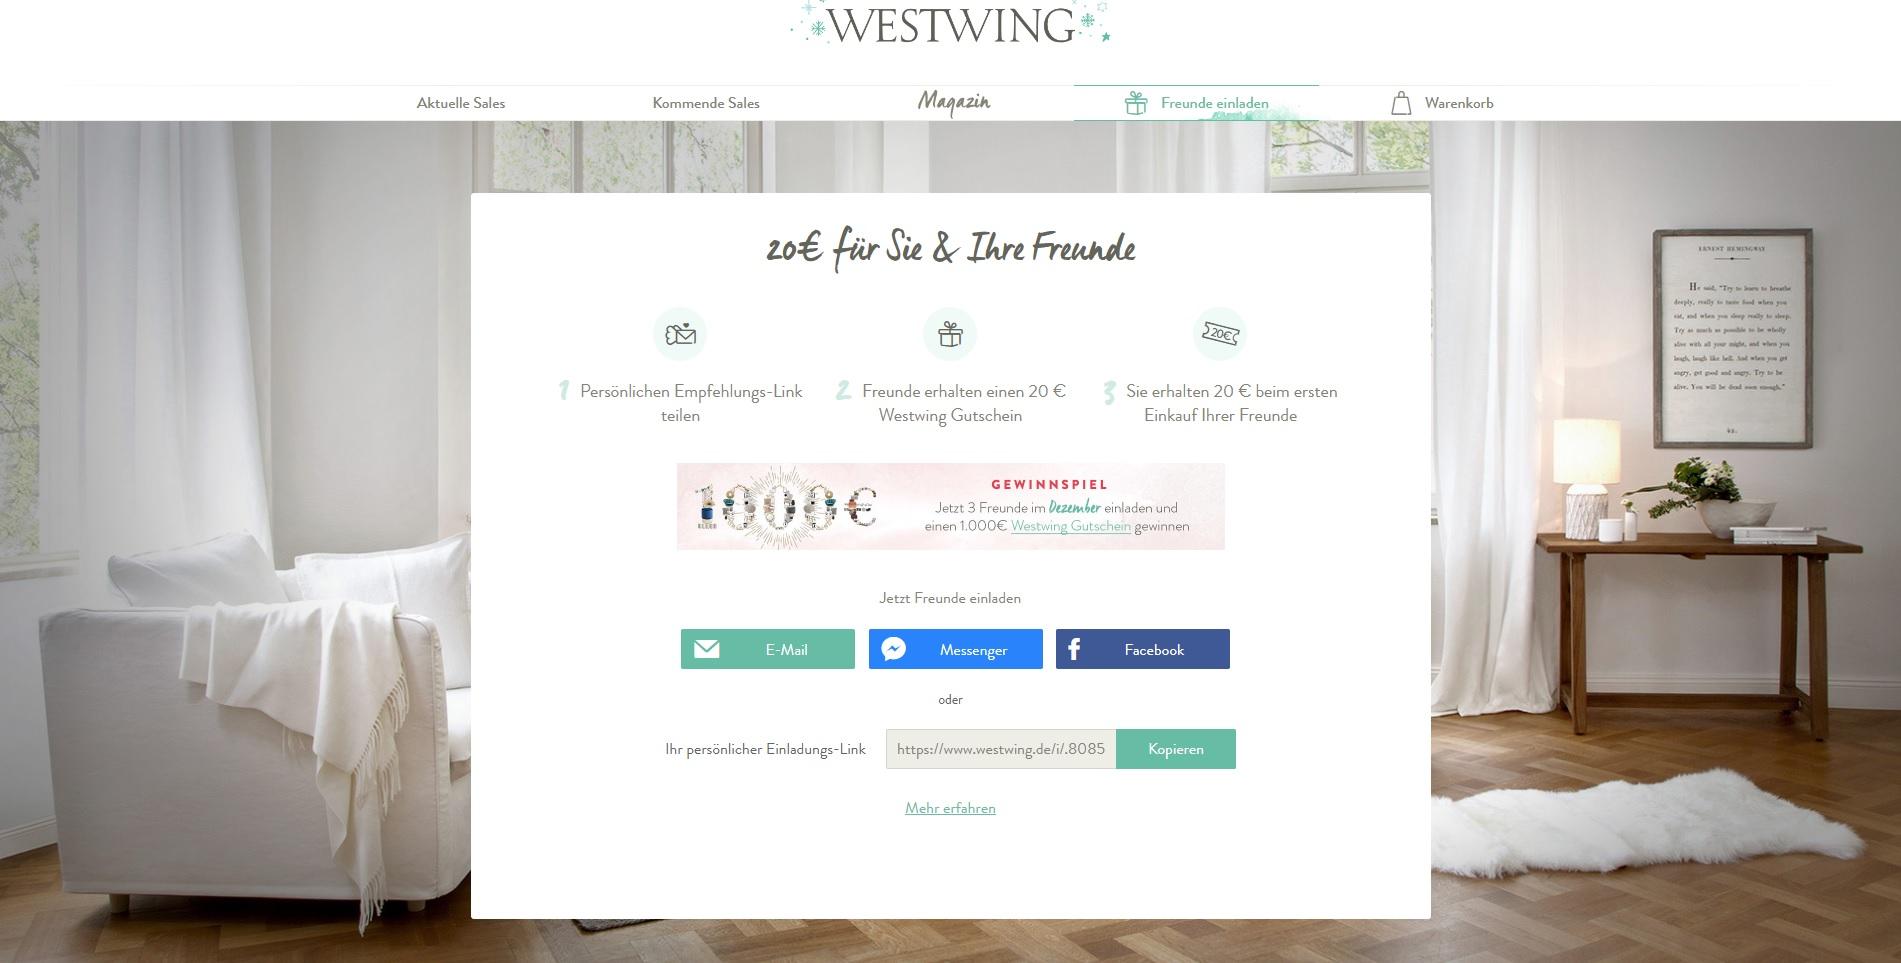 Beispiel Landingpage Westwing Freunde einladen